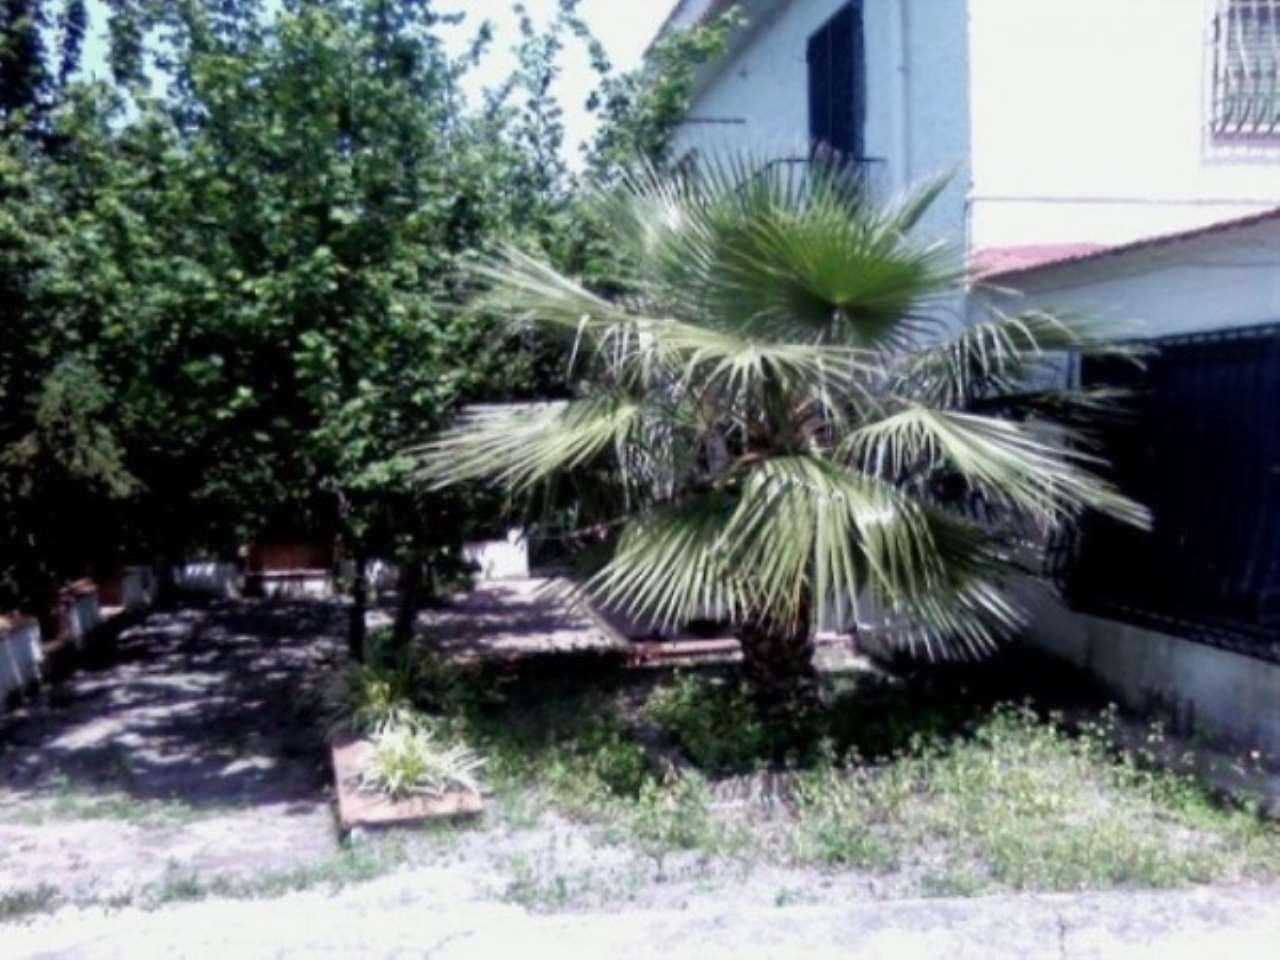 Villa in vendita a Nola, 6 locali, Trattative riservate | CambioCasa.it